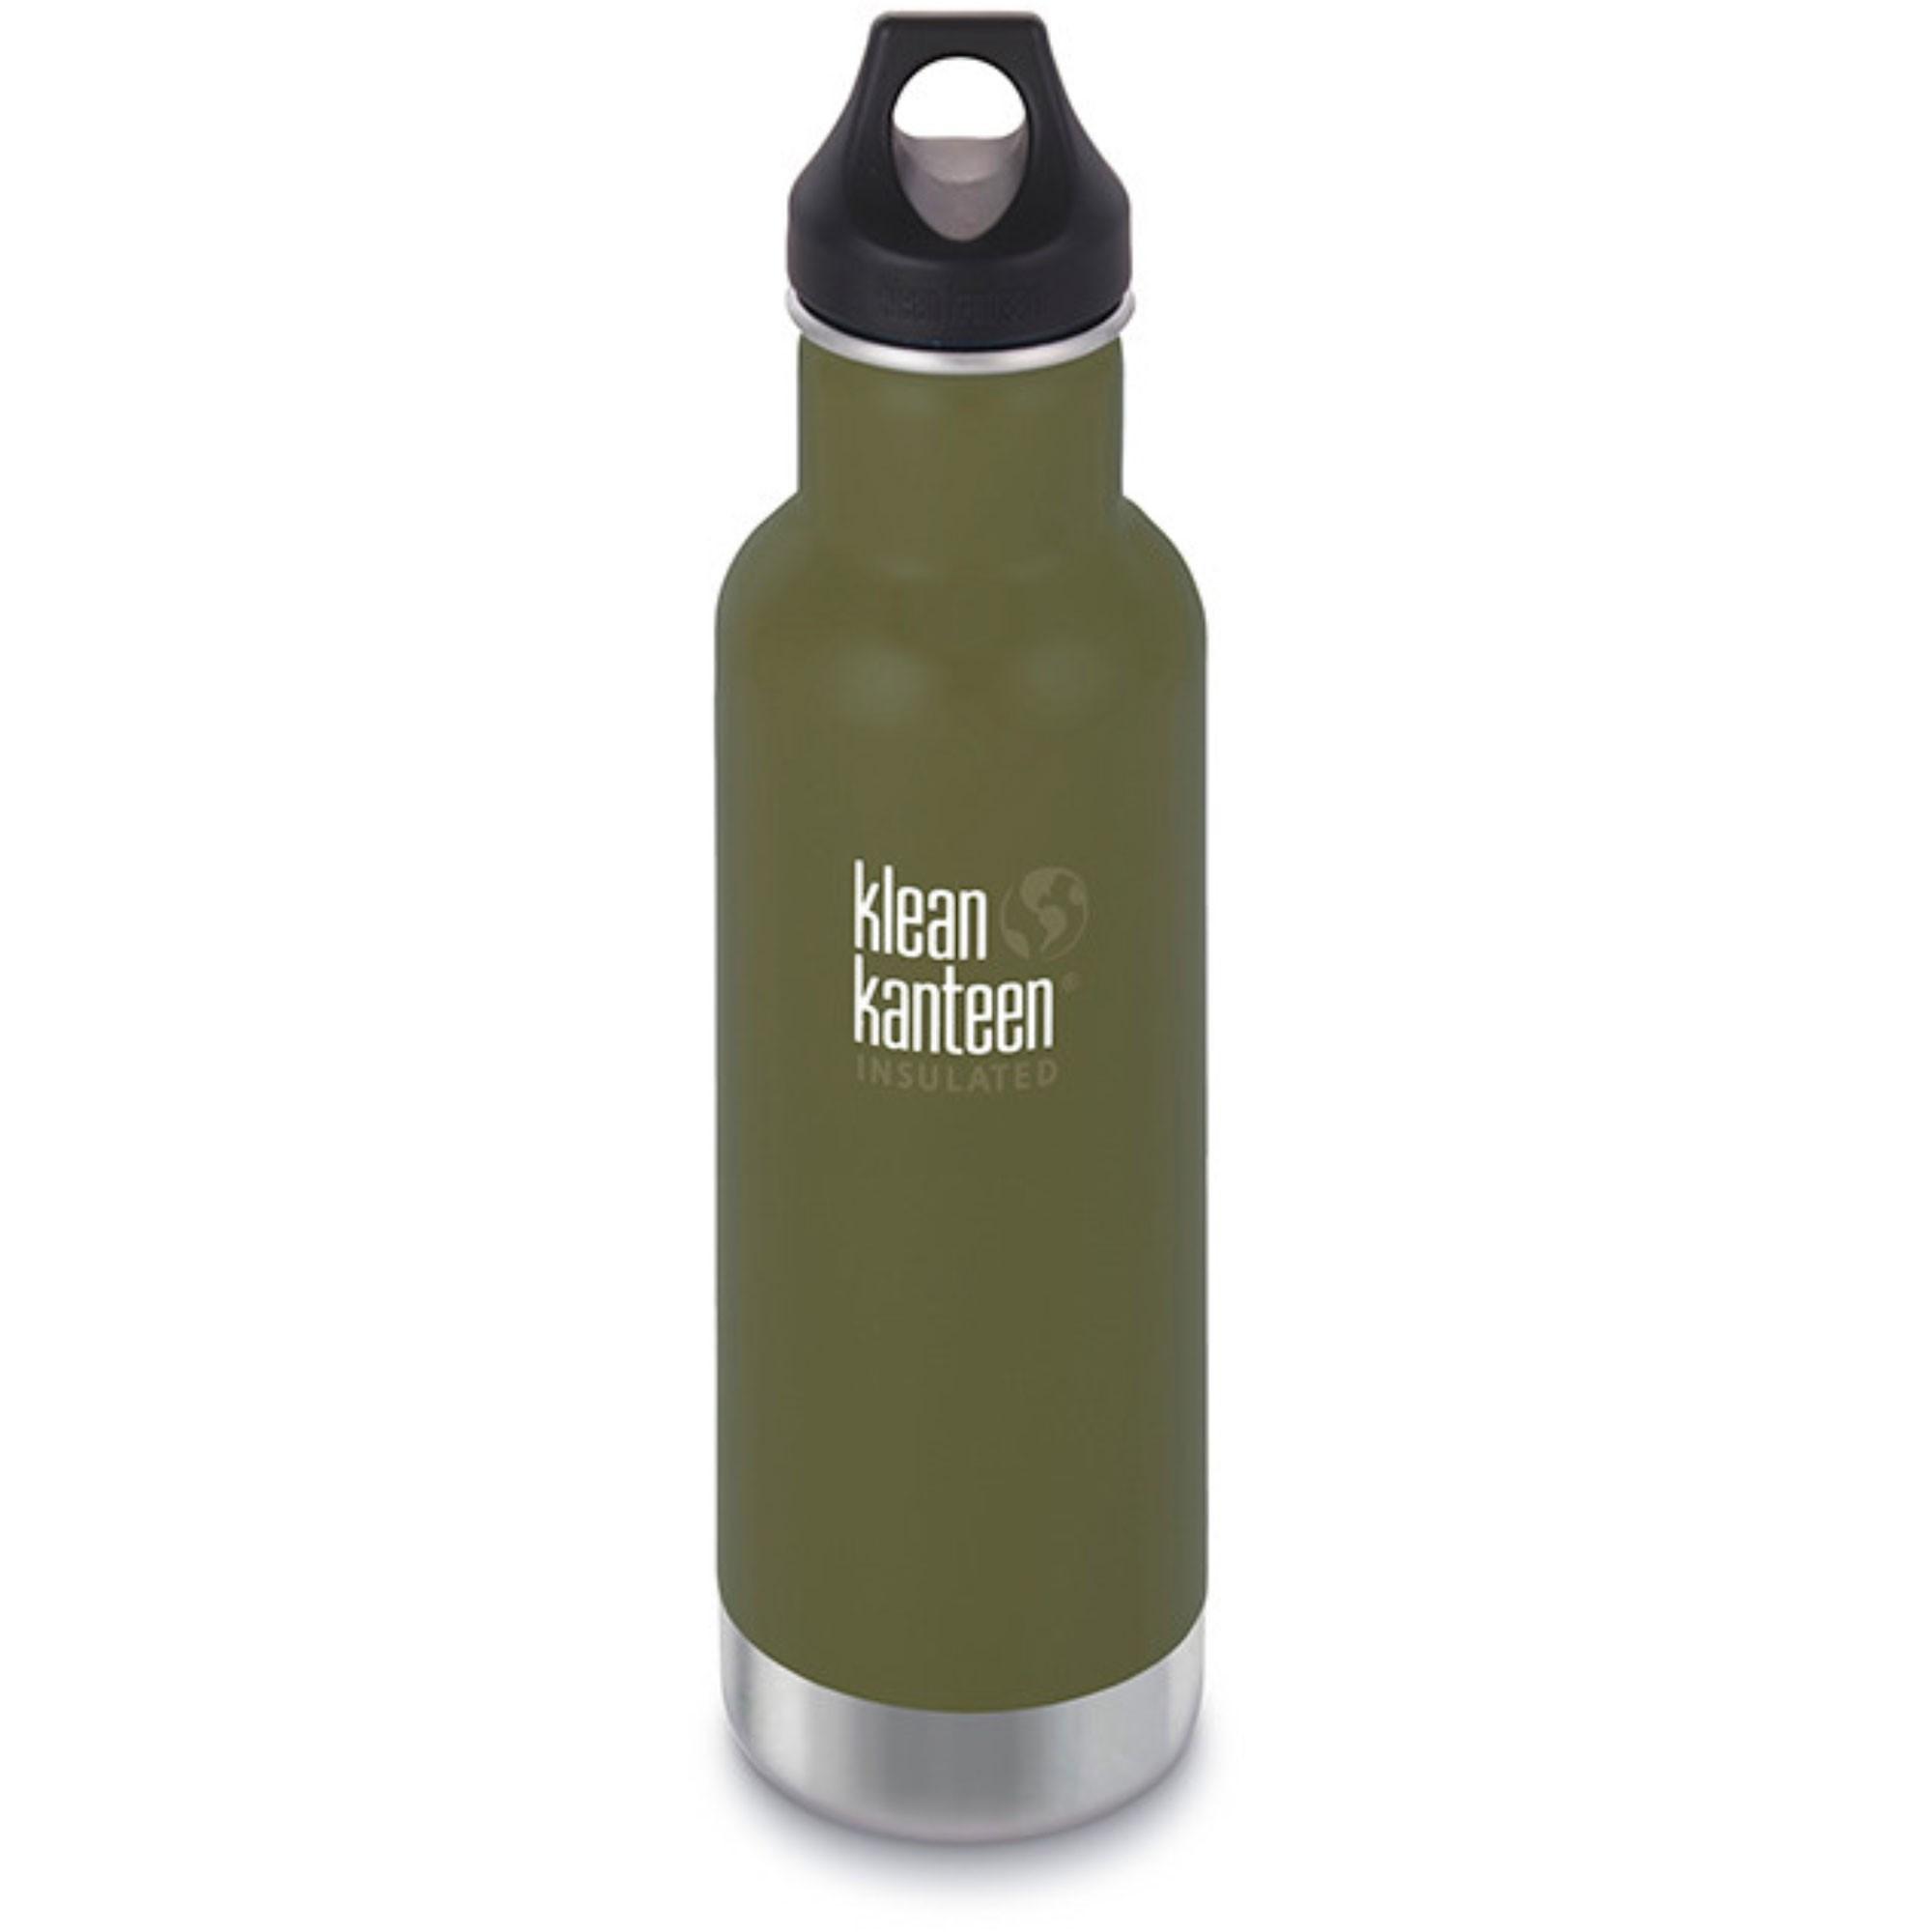 KLEAN KANTEEN - Classic Insulated Flask - 592ml - Fresh Pine (Matt)